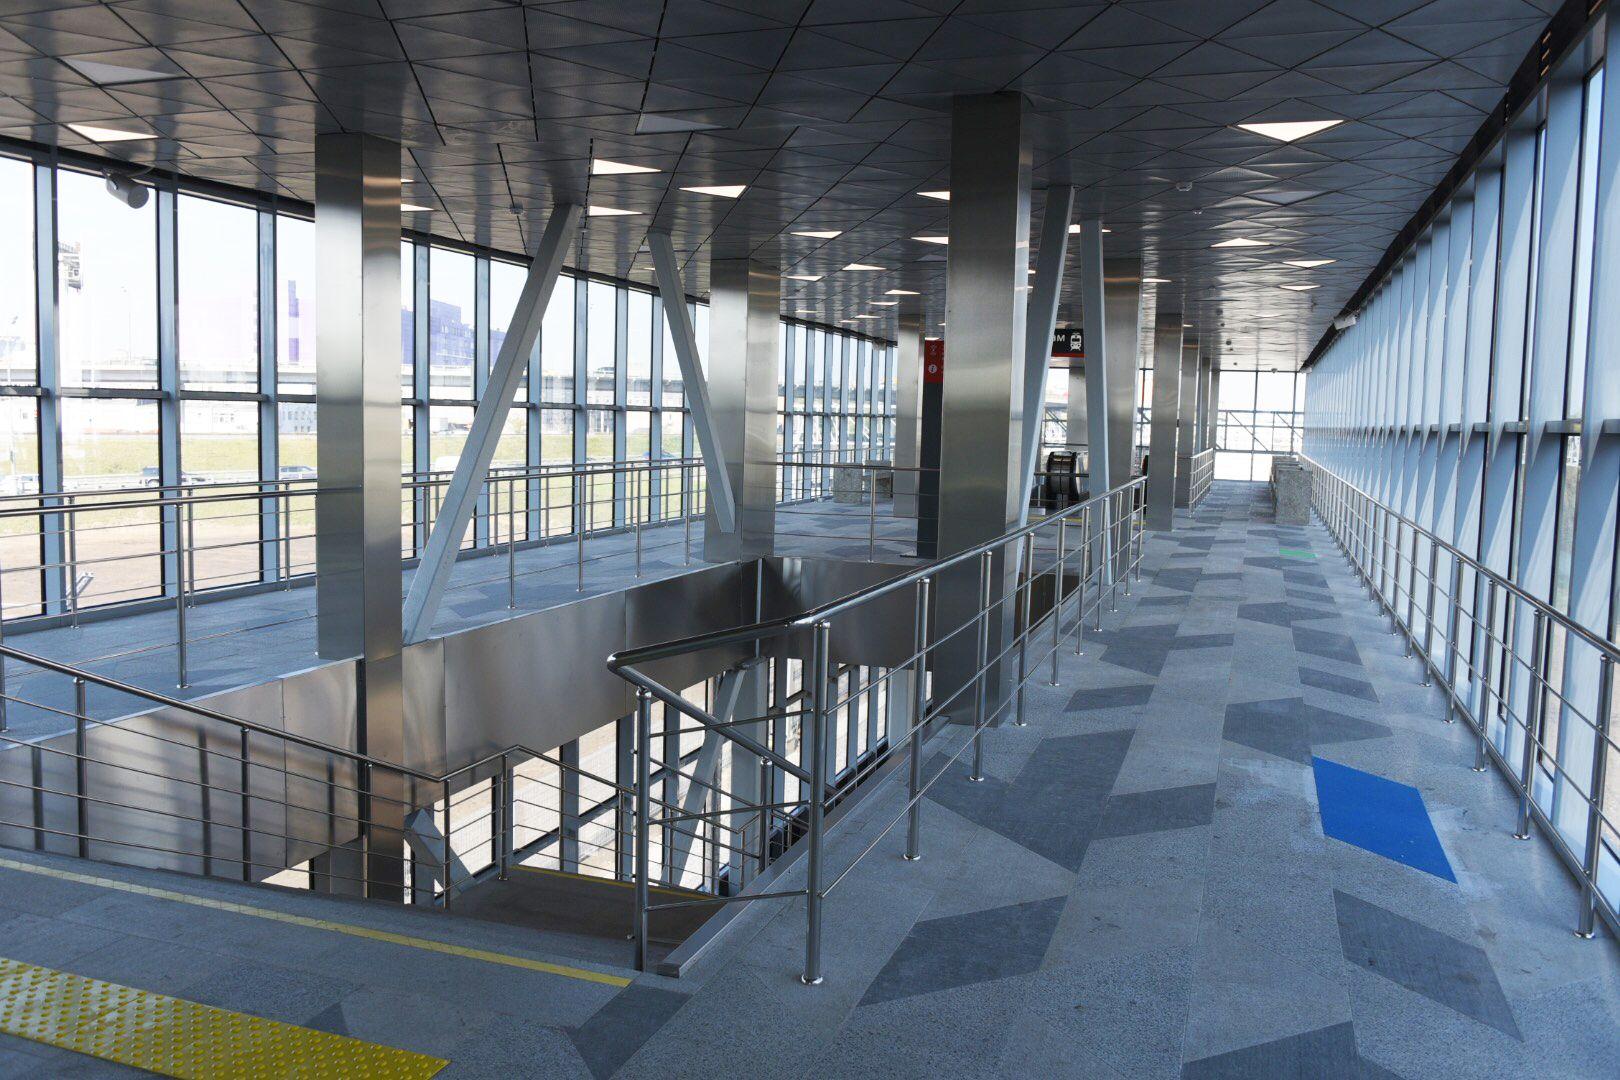 На новом участке МЖД откроют пересадки на метро и МЦК